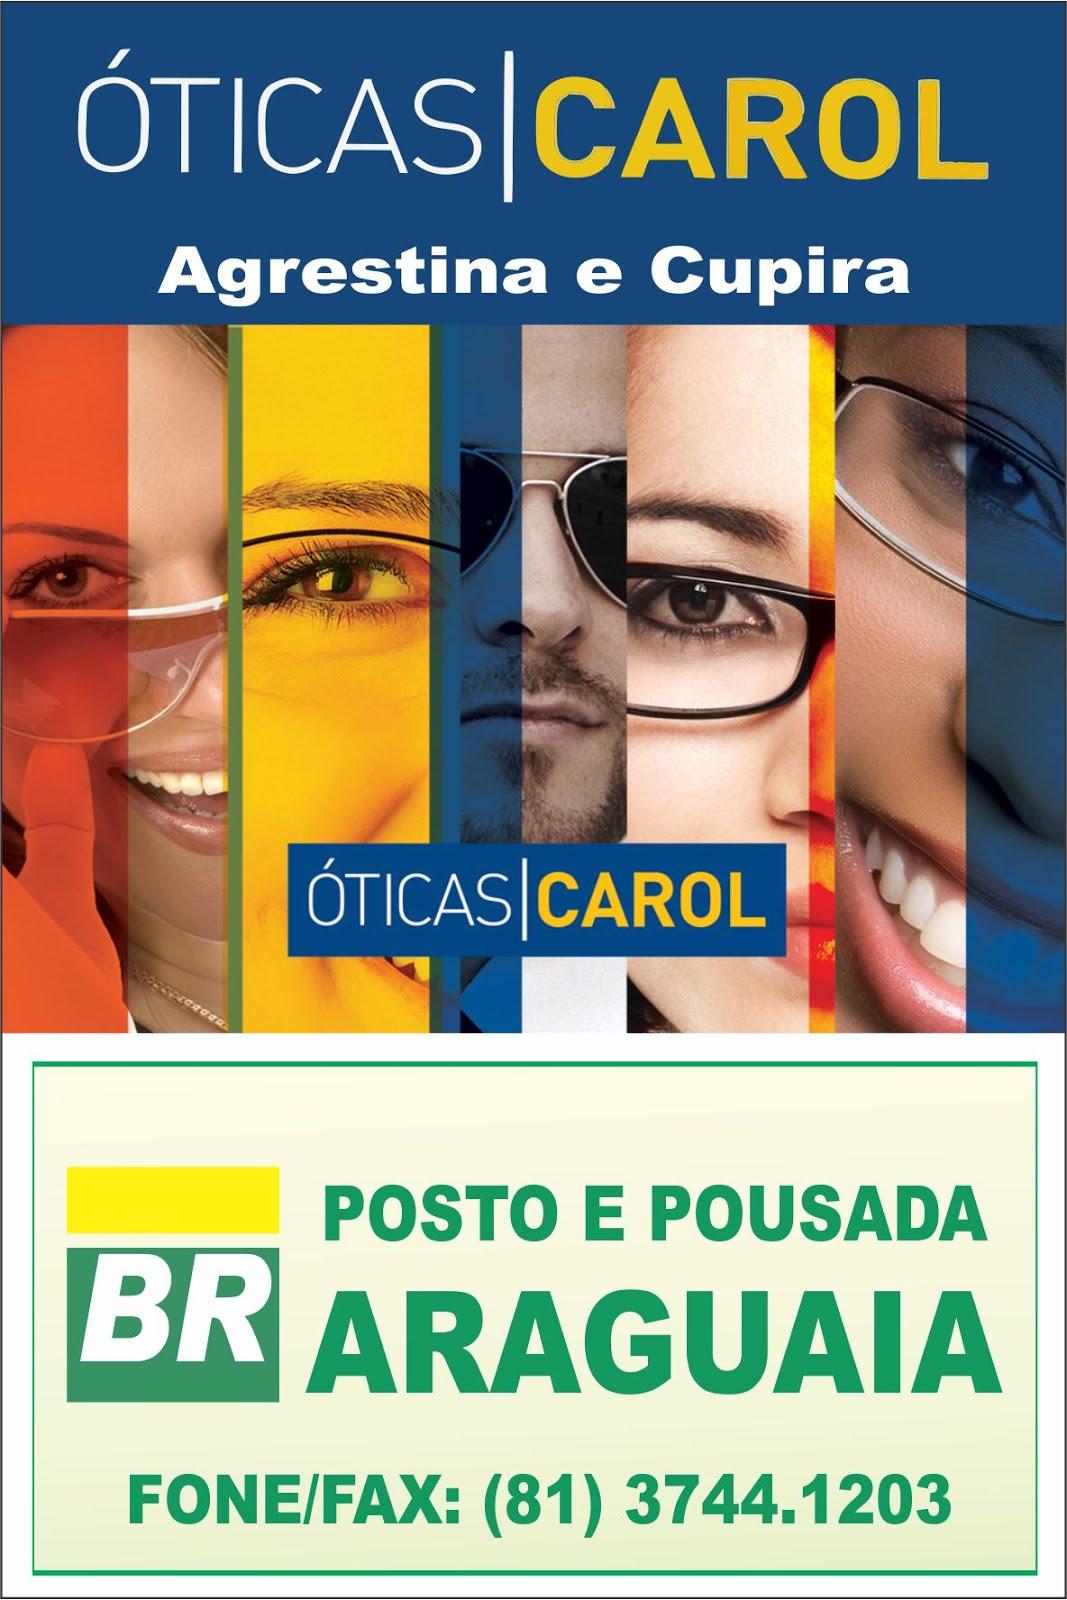 POSTO ARAGUAIA E ÓTICAS CAROL